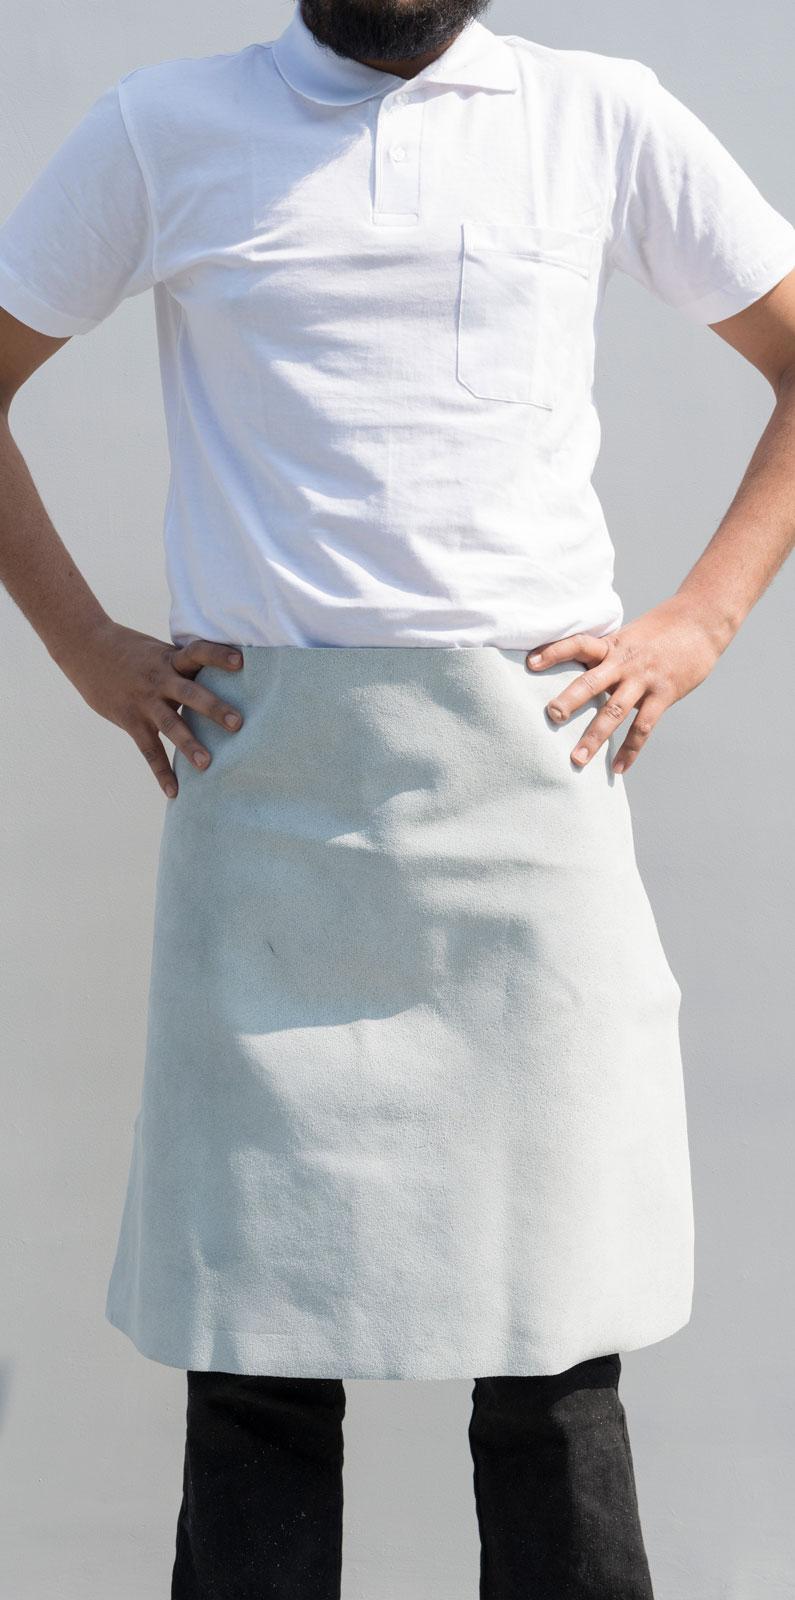 waist-aprons.jpg